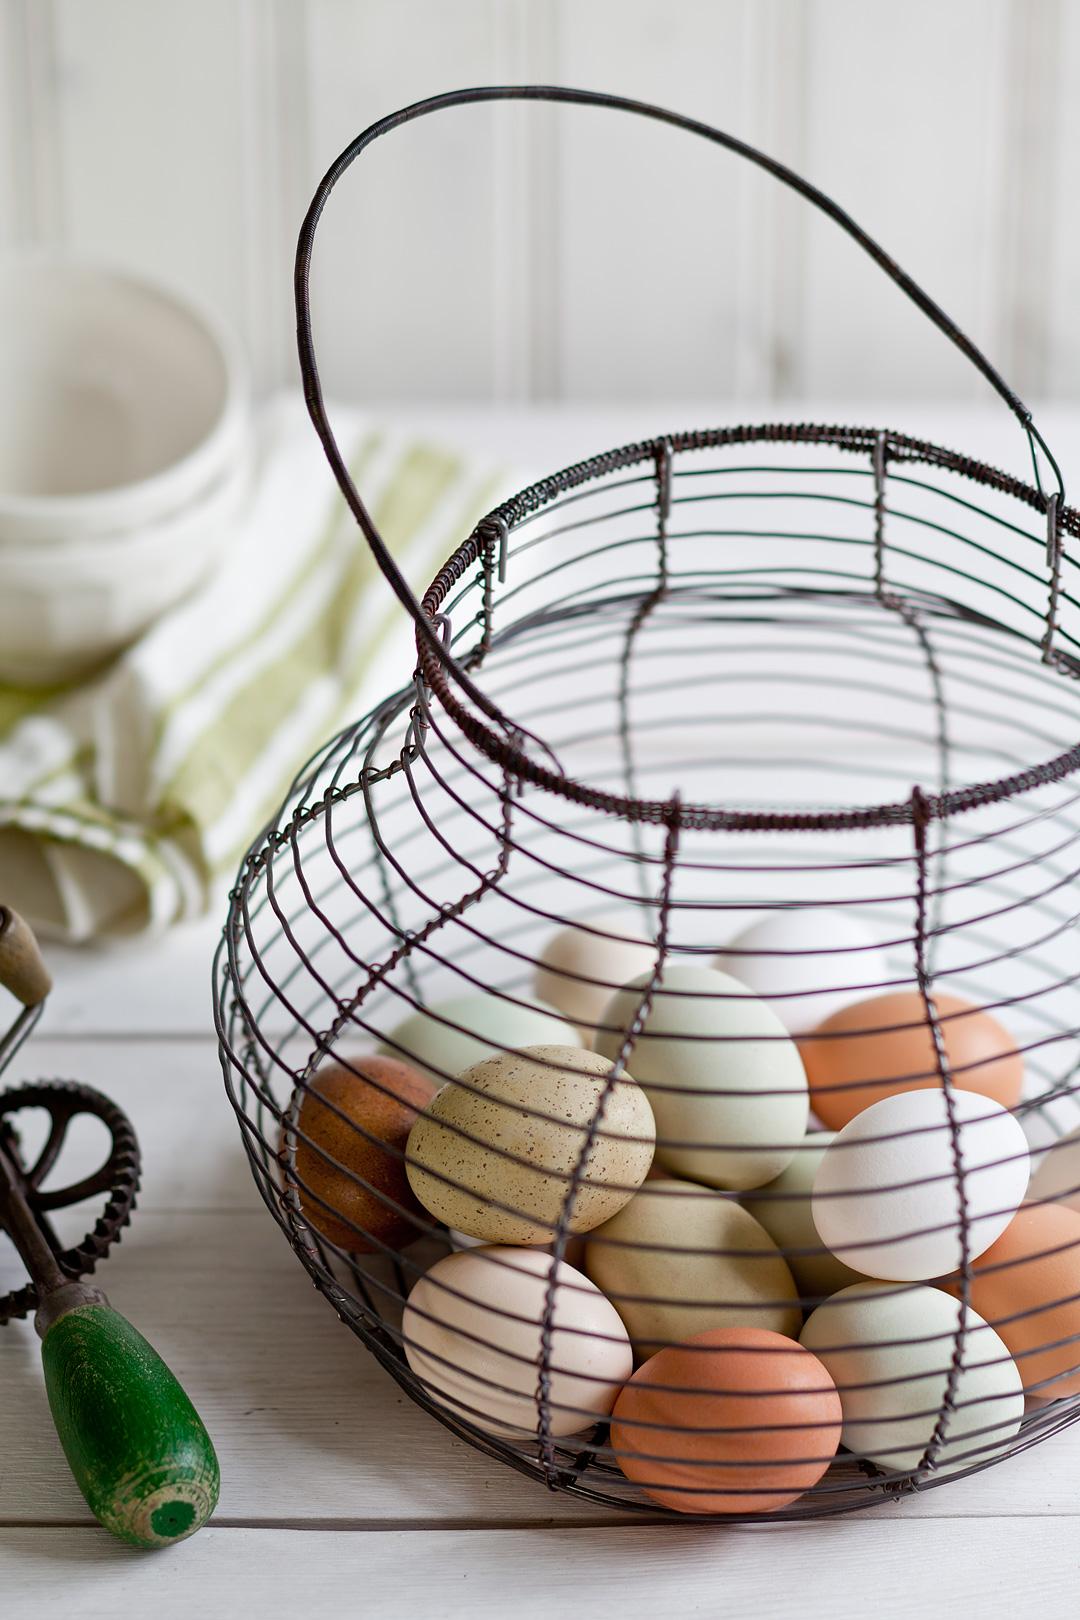 Eggbasket1©Anna-Lefvert